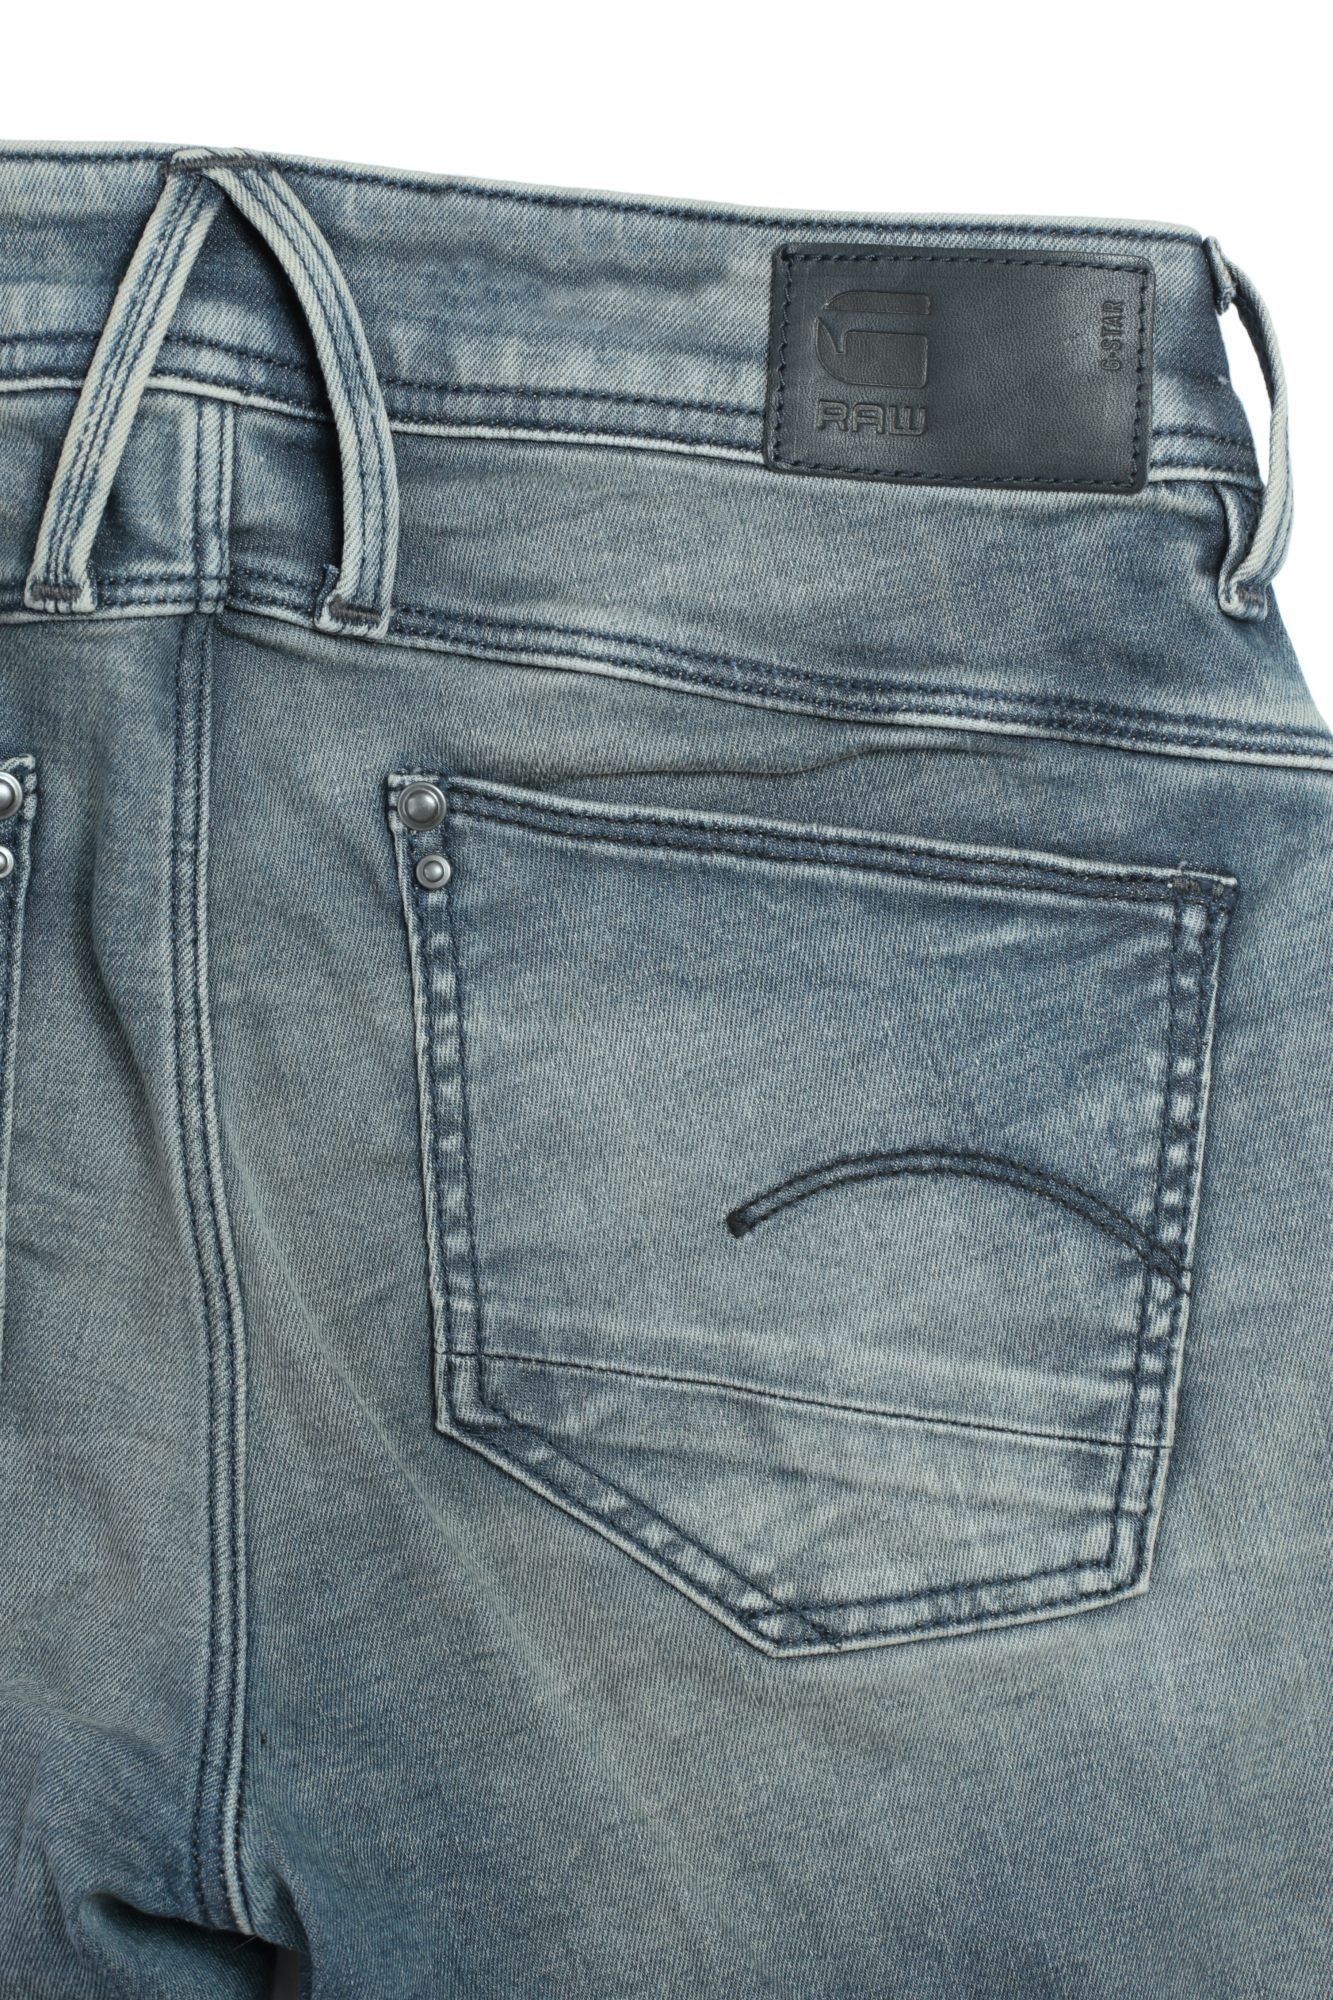 G STAR Lynn Mid Skinny WMN donna Raw Denim Jeans Pantaloni Pants Jeans A Sigaretta Stretch